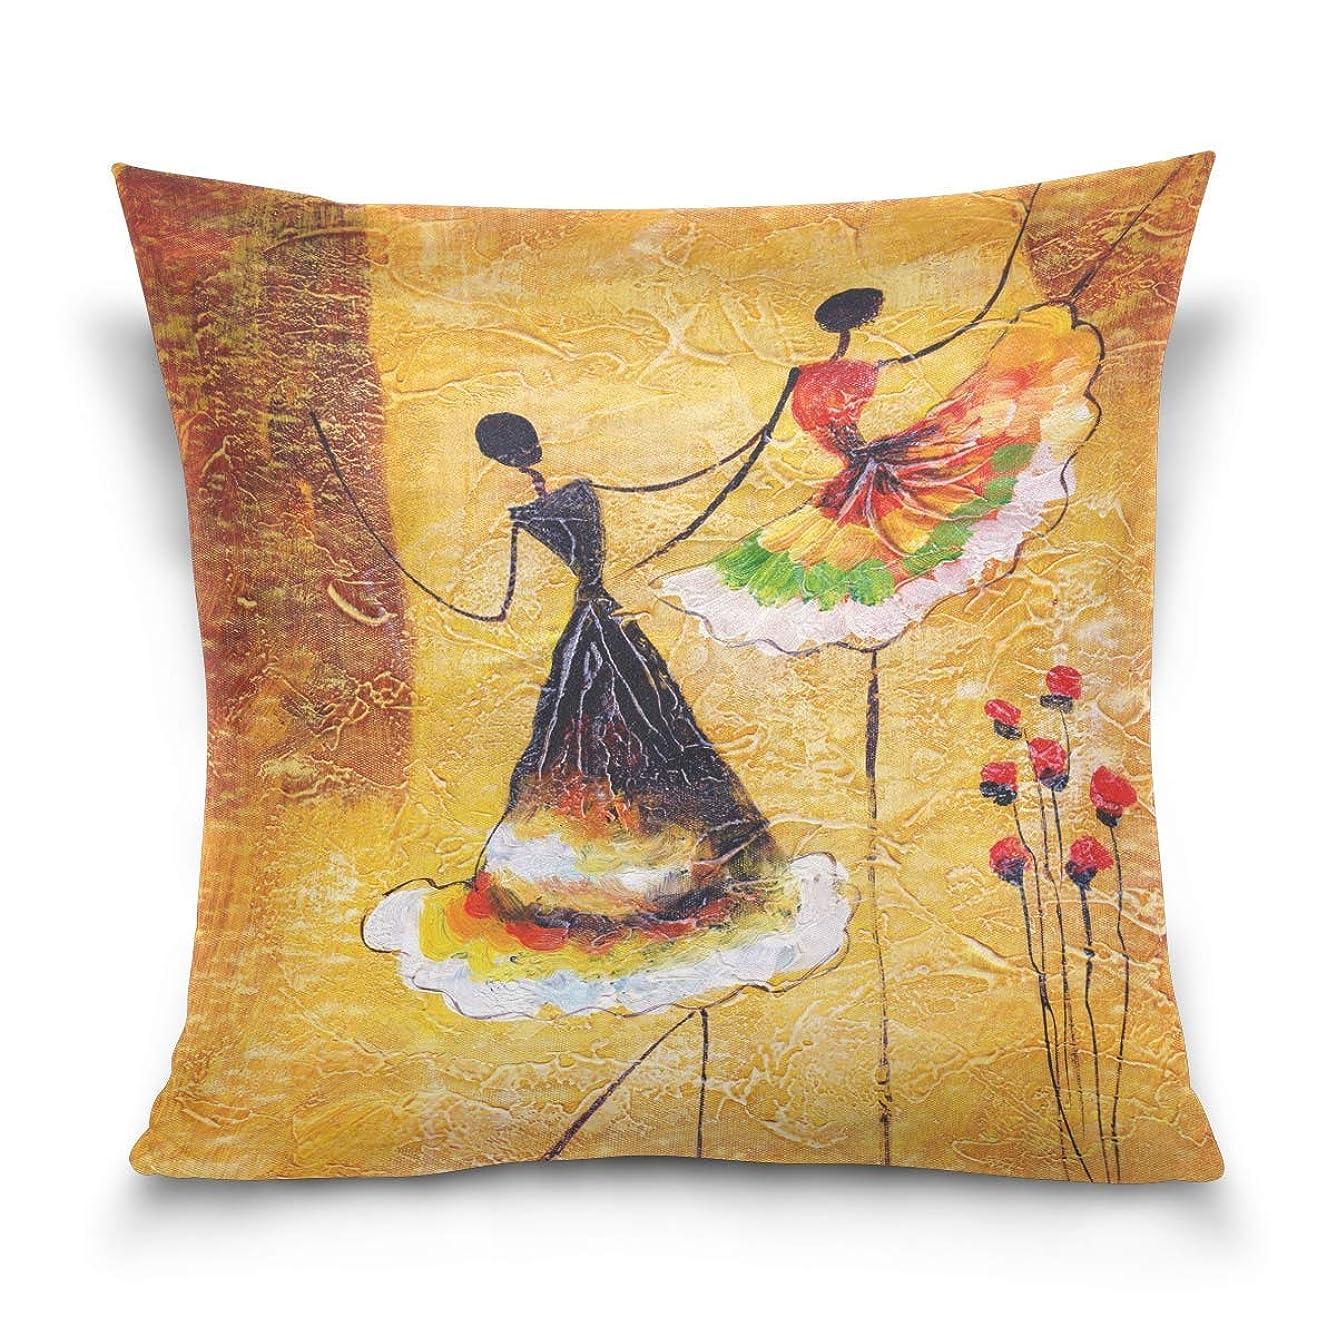 告白する編集する望ましい枕カバーを投げる装飾的なクッションカバー正方形の枕カバー、スペインのダンサー油絵ケシの花ソファベッド枕カバー45 x 45cm